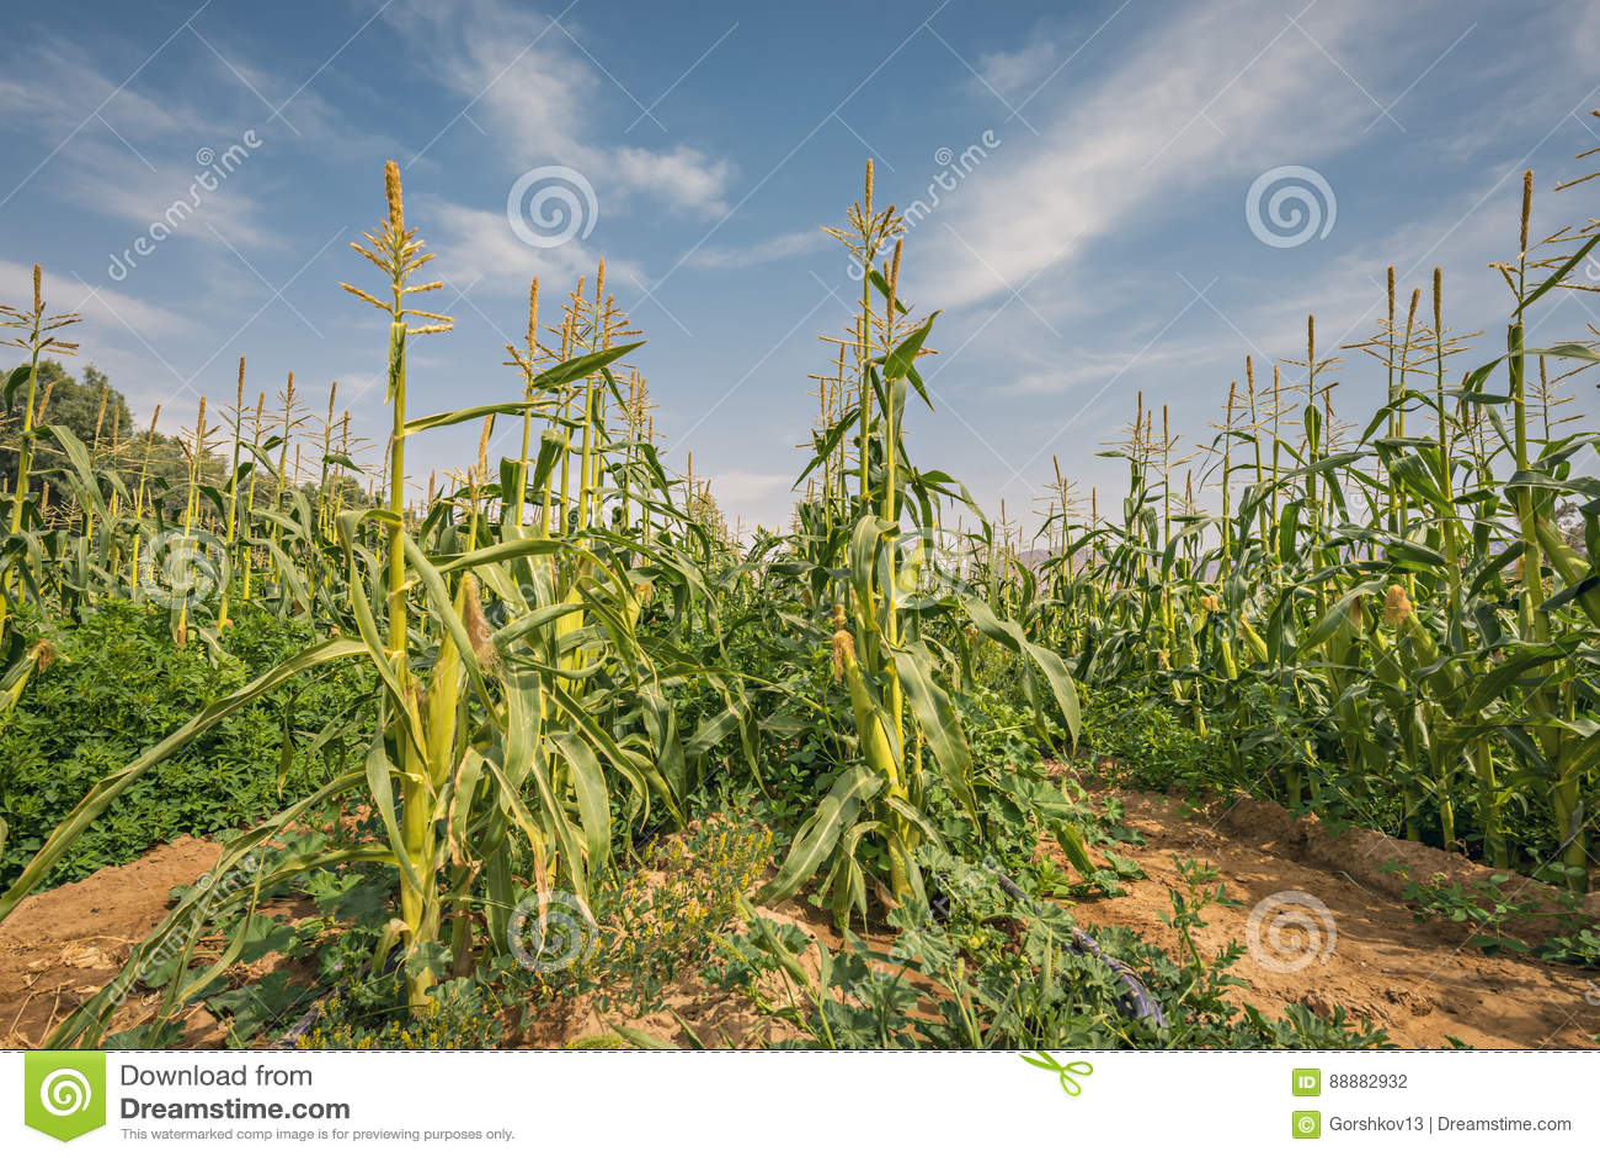 Gebied met rijpend graan in de Negev-woestijn